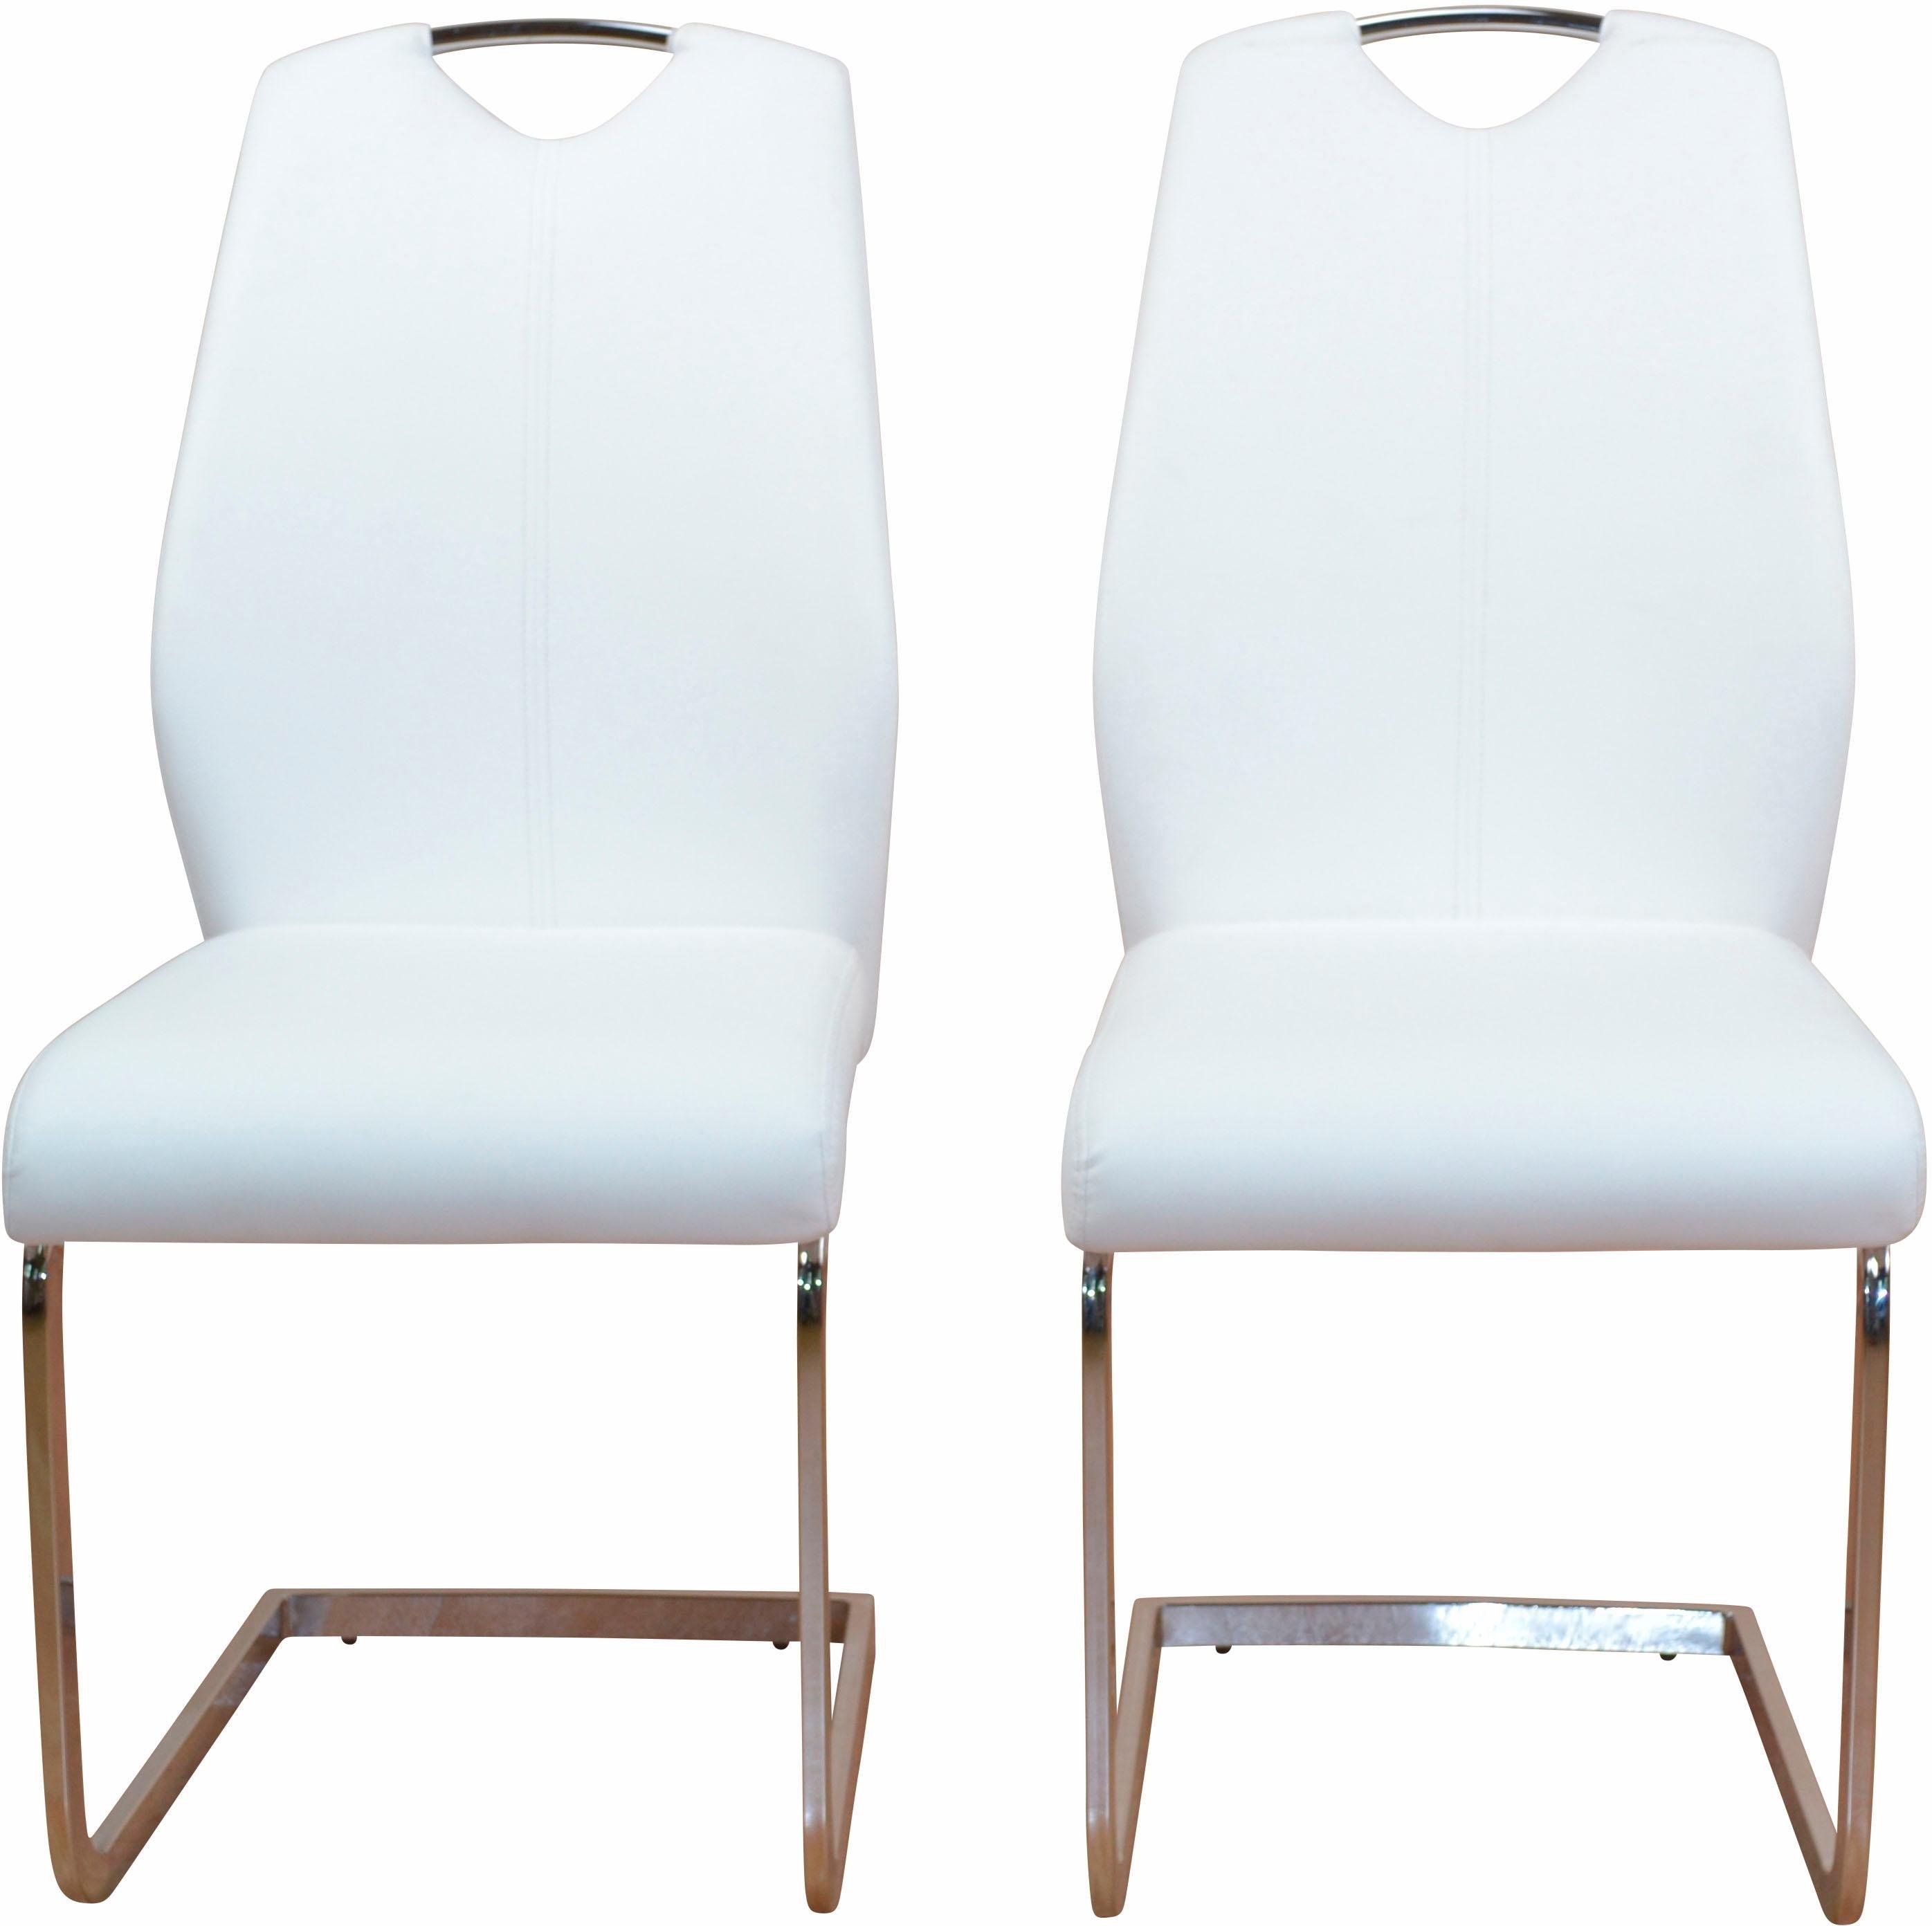 Vrijdragende stoel (set van 2) bij OTTO online kopen